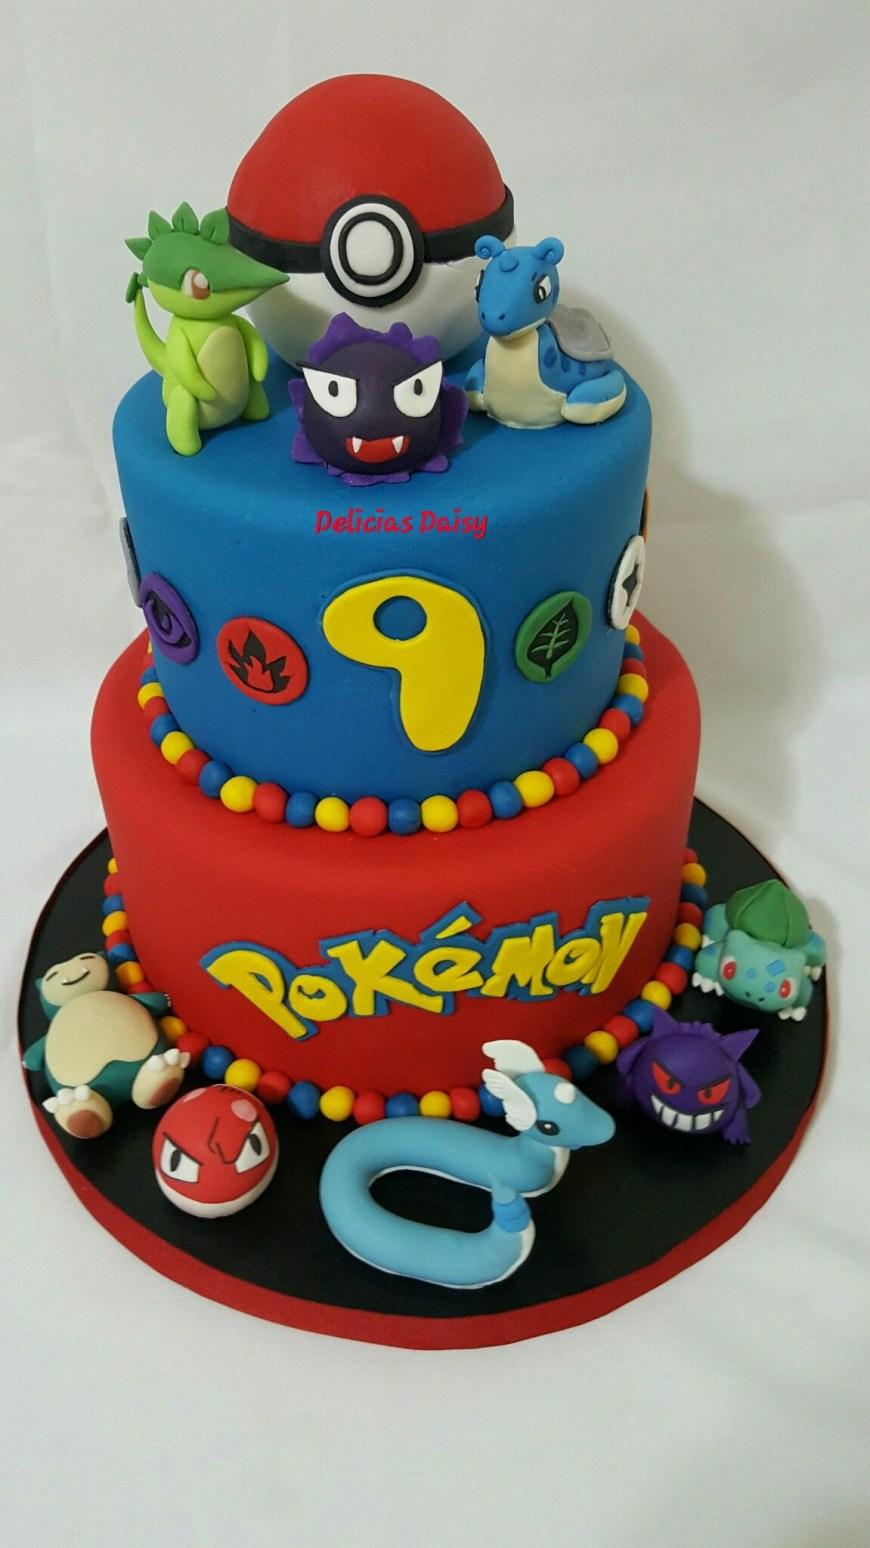 Pikachu Birthday Cake Fondant Pokemon Birthday Cake Cakes Pinterest Pokemon Birthday